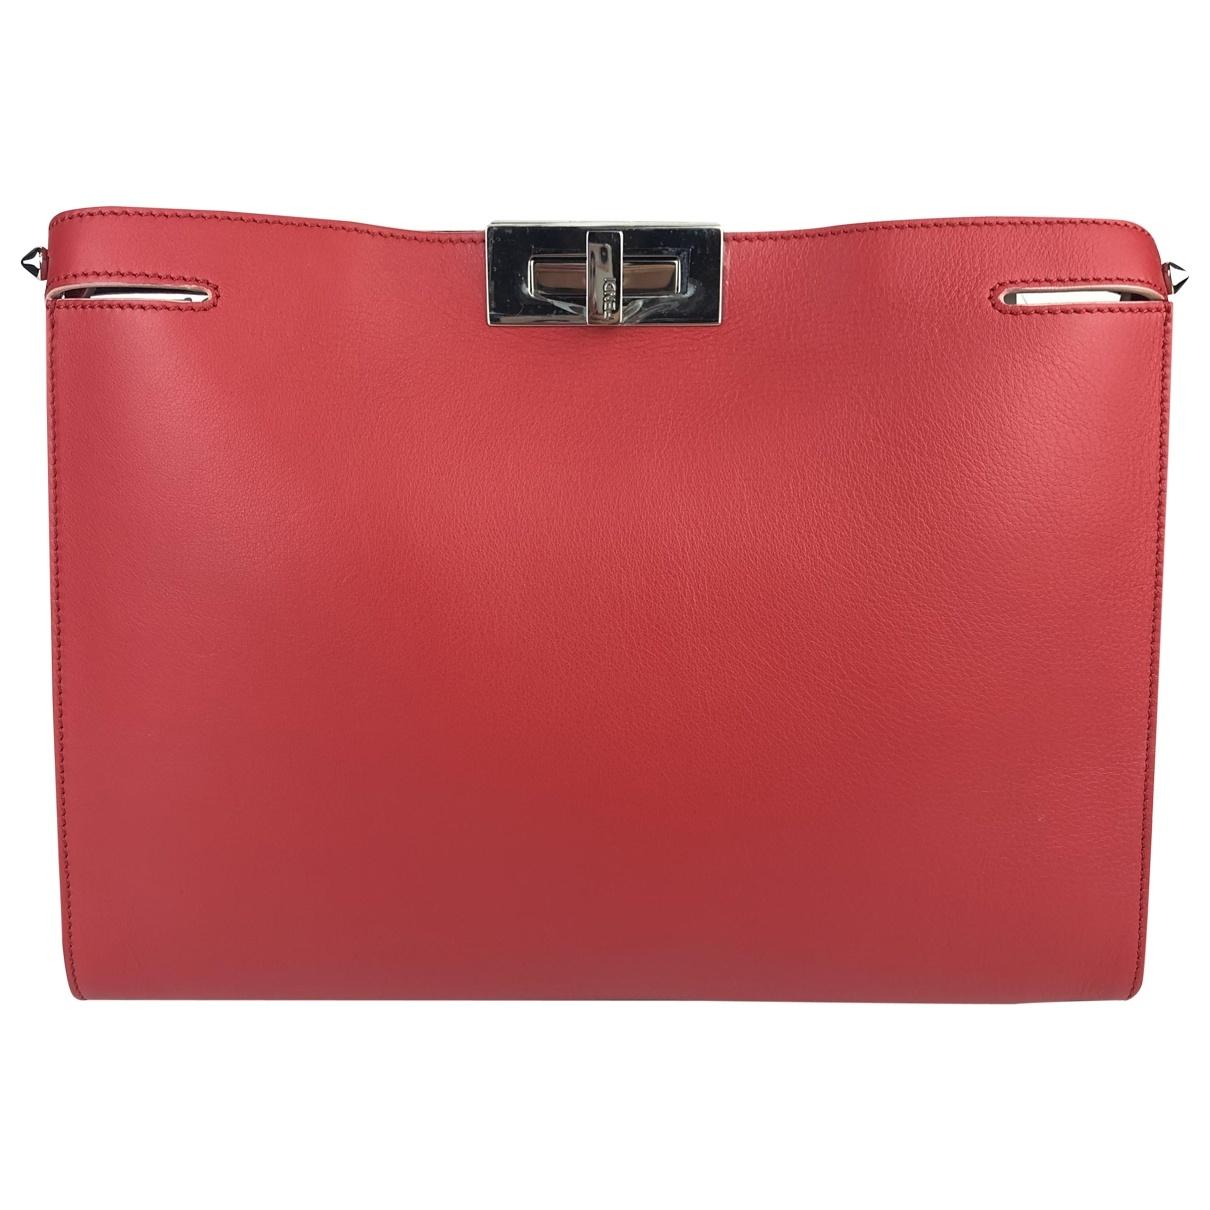 Fendi Peekaboo Red Leather Clutch bag for Women \N